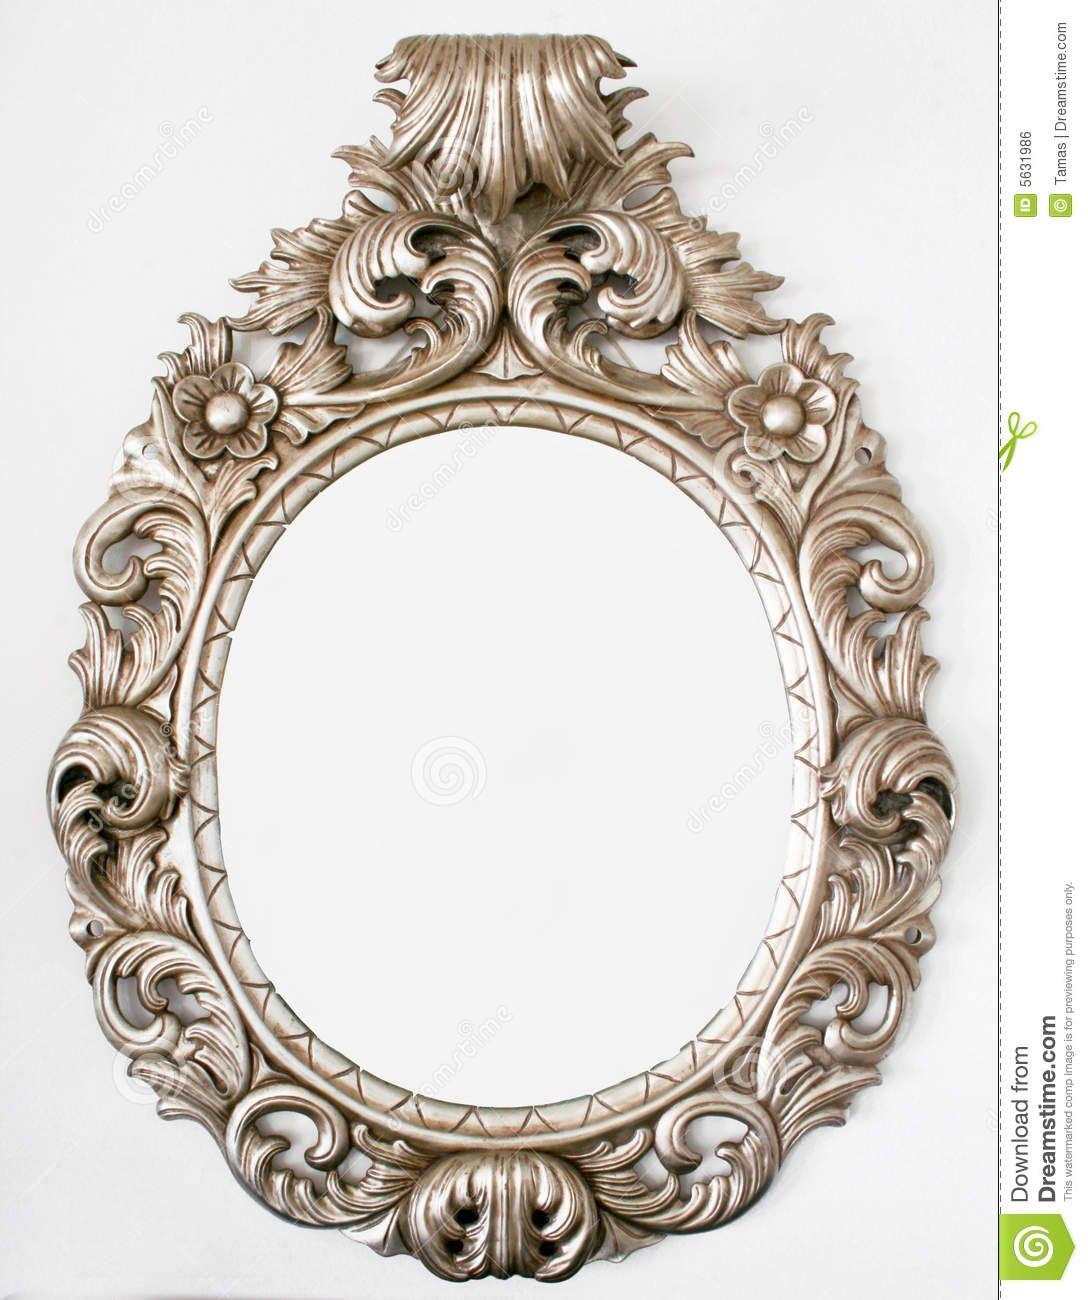 Beautiful Mirror μπαρόκ-όμορφος-καθρέφτης-ανα-ρομικός | ΚΑΘΡΕΦΤΗκαθρεφτάκι μου